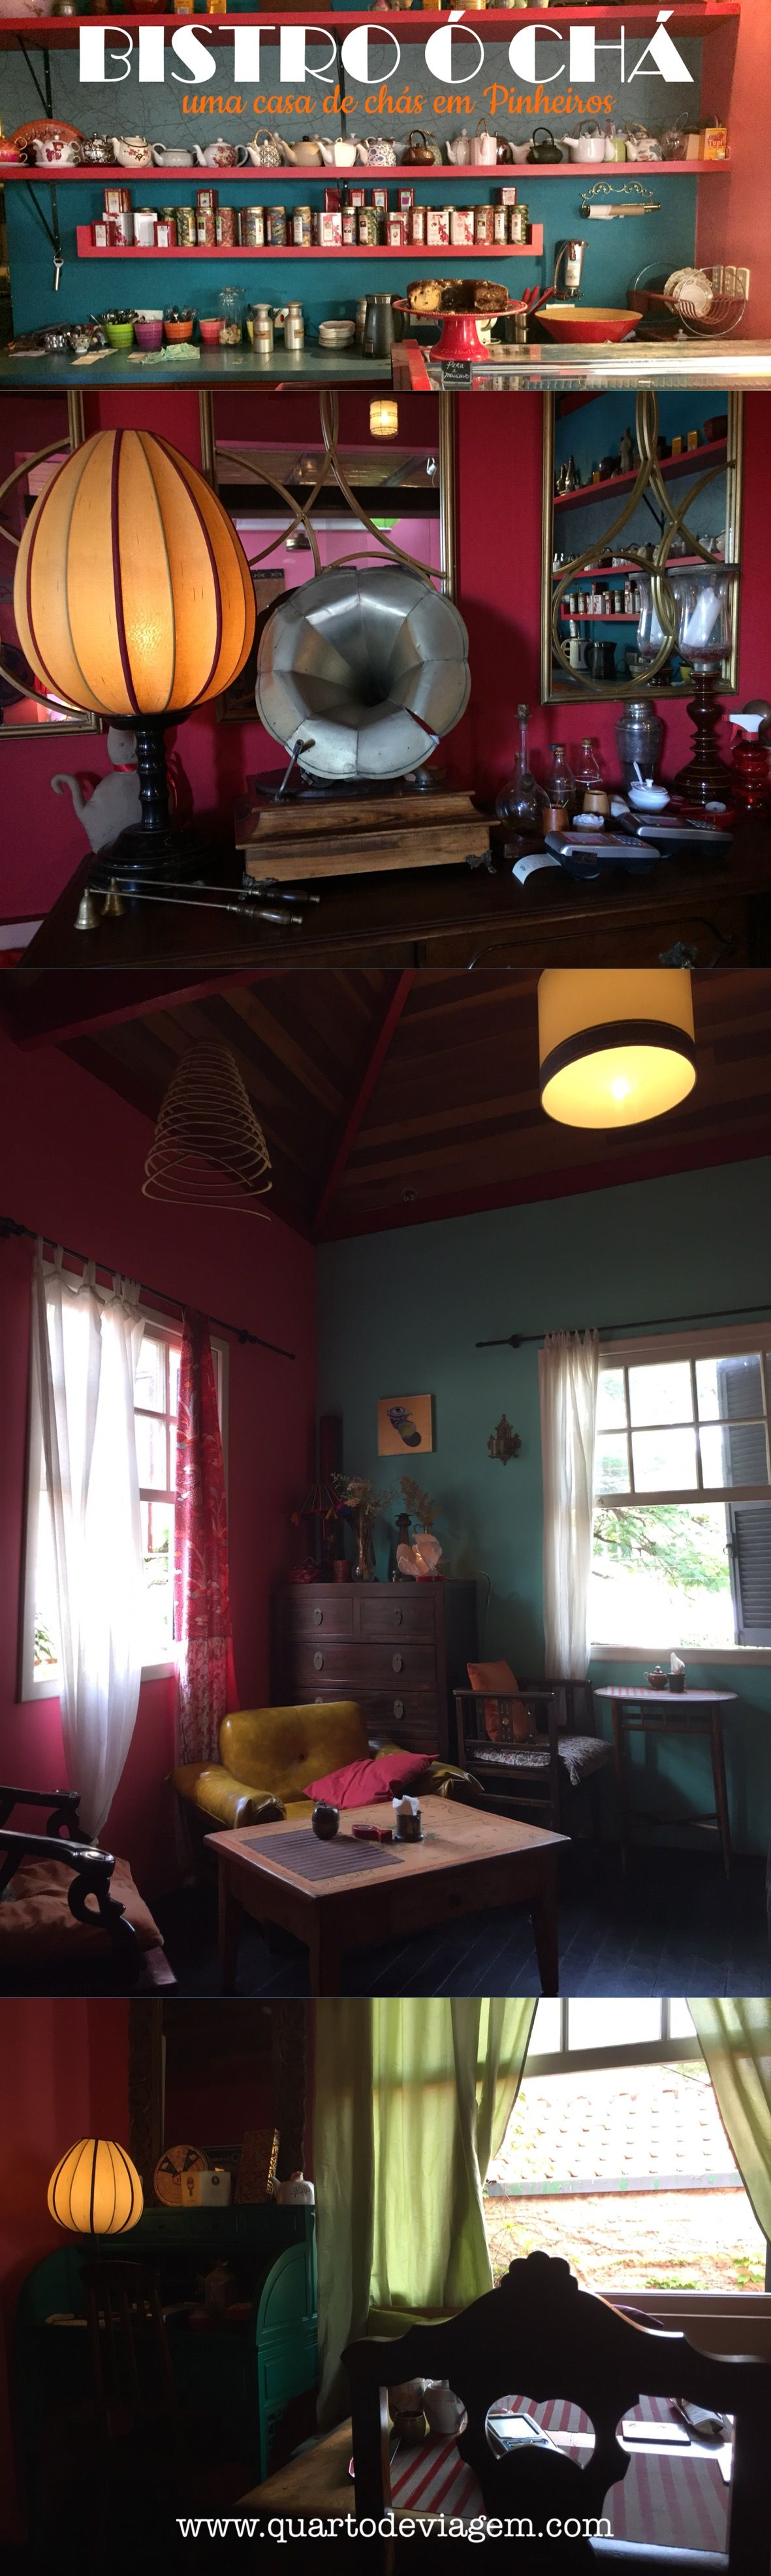 Uma casa de chás bem fofa em Pinheiros, Bistrô ó chá!